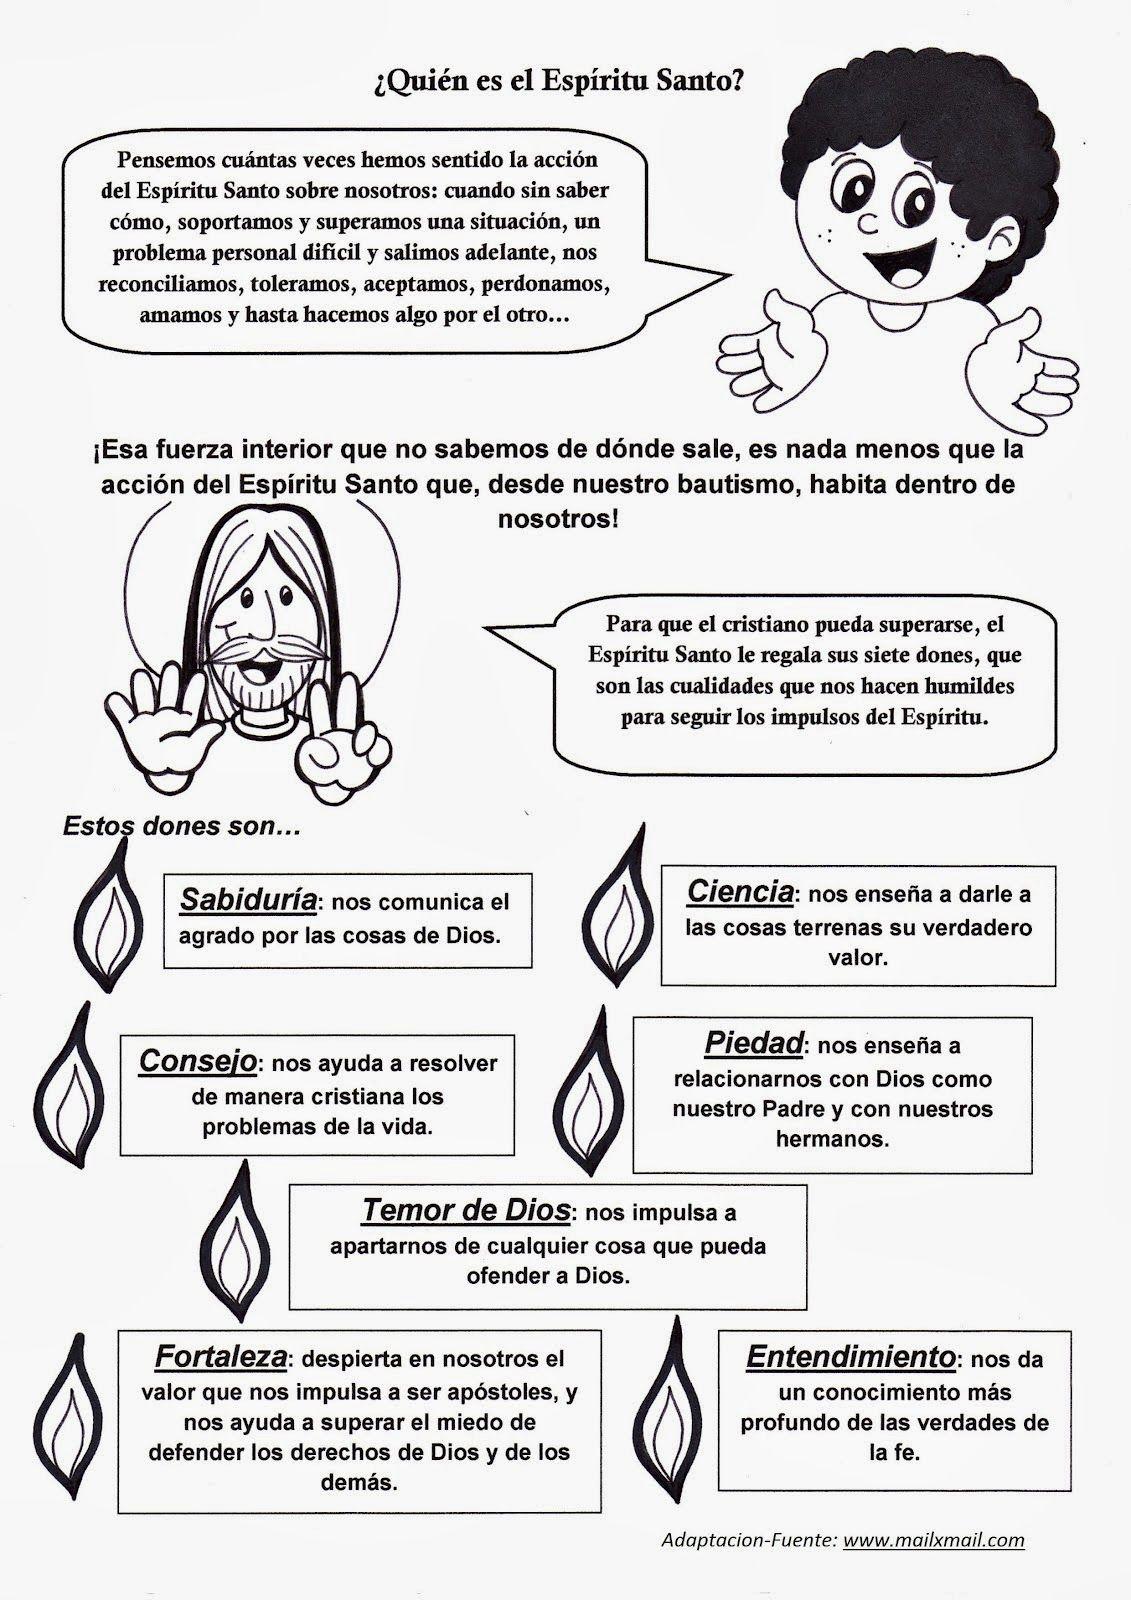 Gifs y Fondos PazenlaTormenta: IMAGENES DEL ESPÍRITU SANTO PARA ...